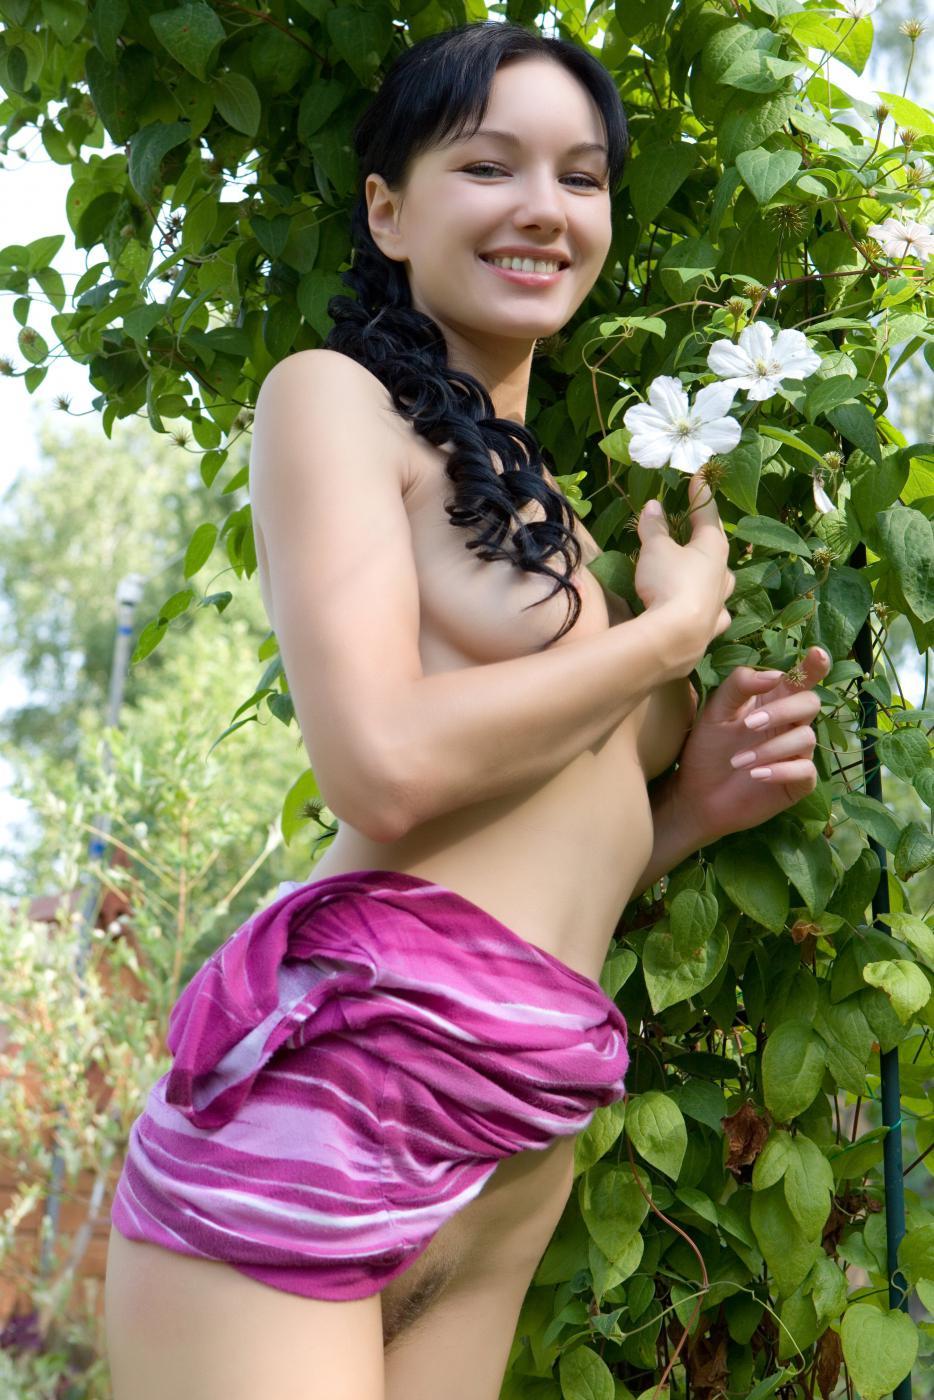 Роскошная модель с темными волосами Loreen A садится на траву и оголяет писю